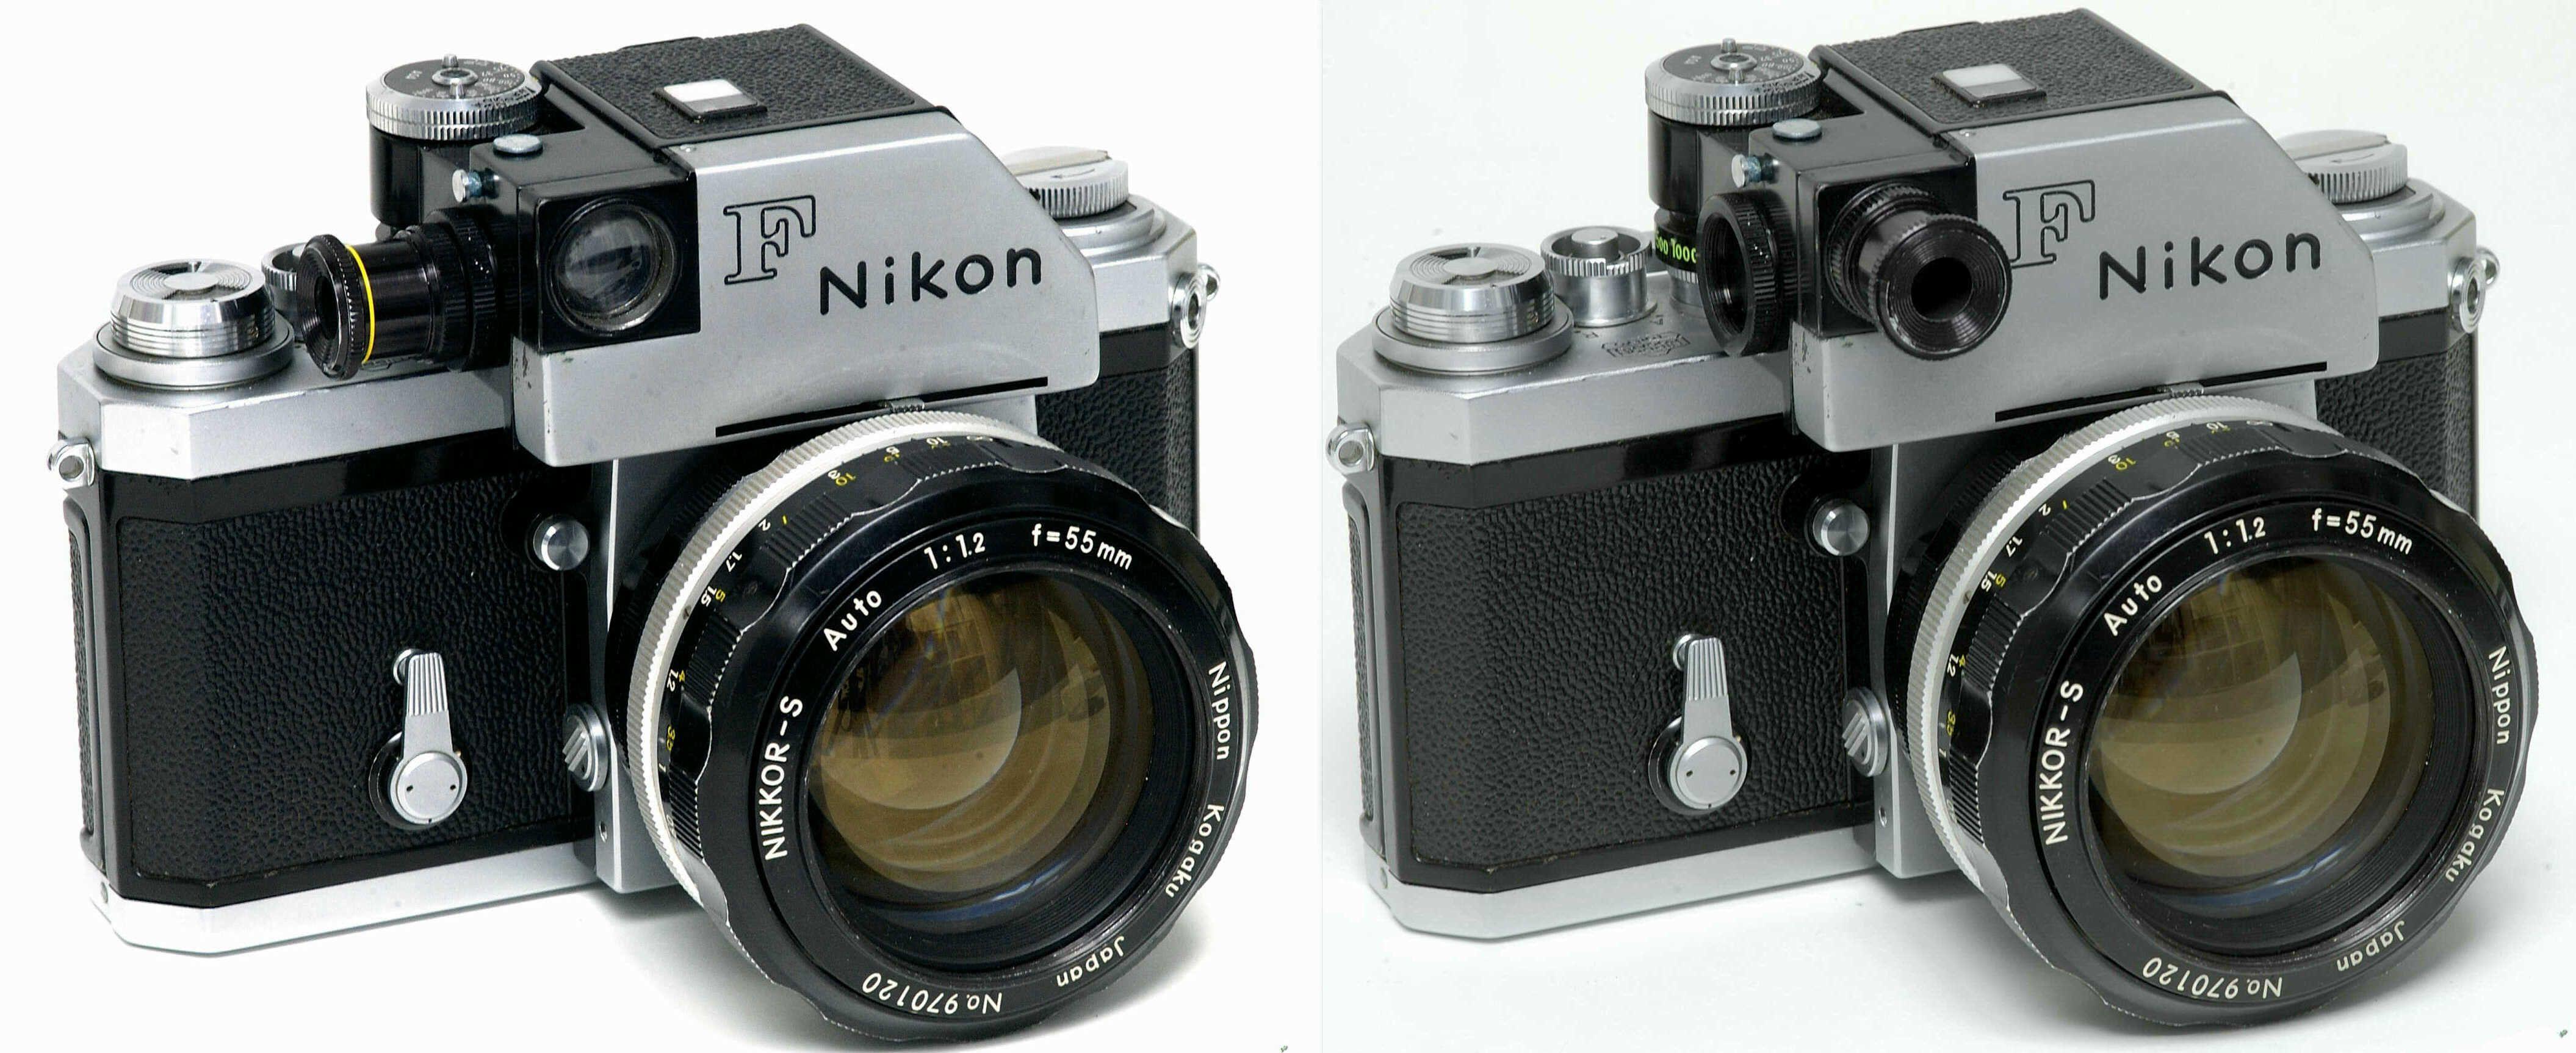 Nikon F chrome with Photomic FTN | Cameras | Pinterest | Nikon ...